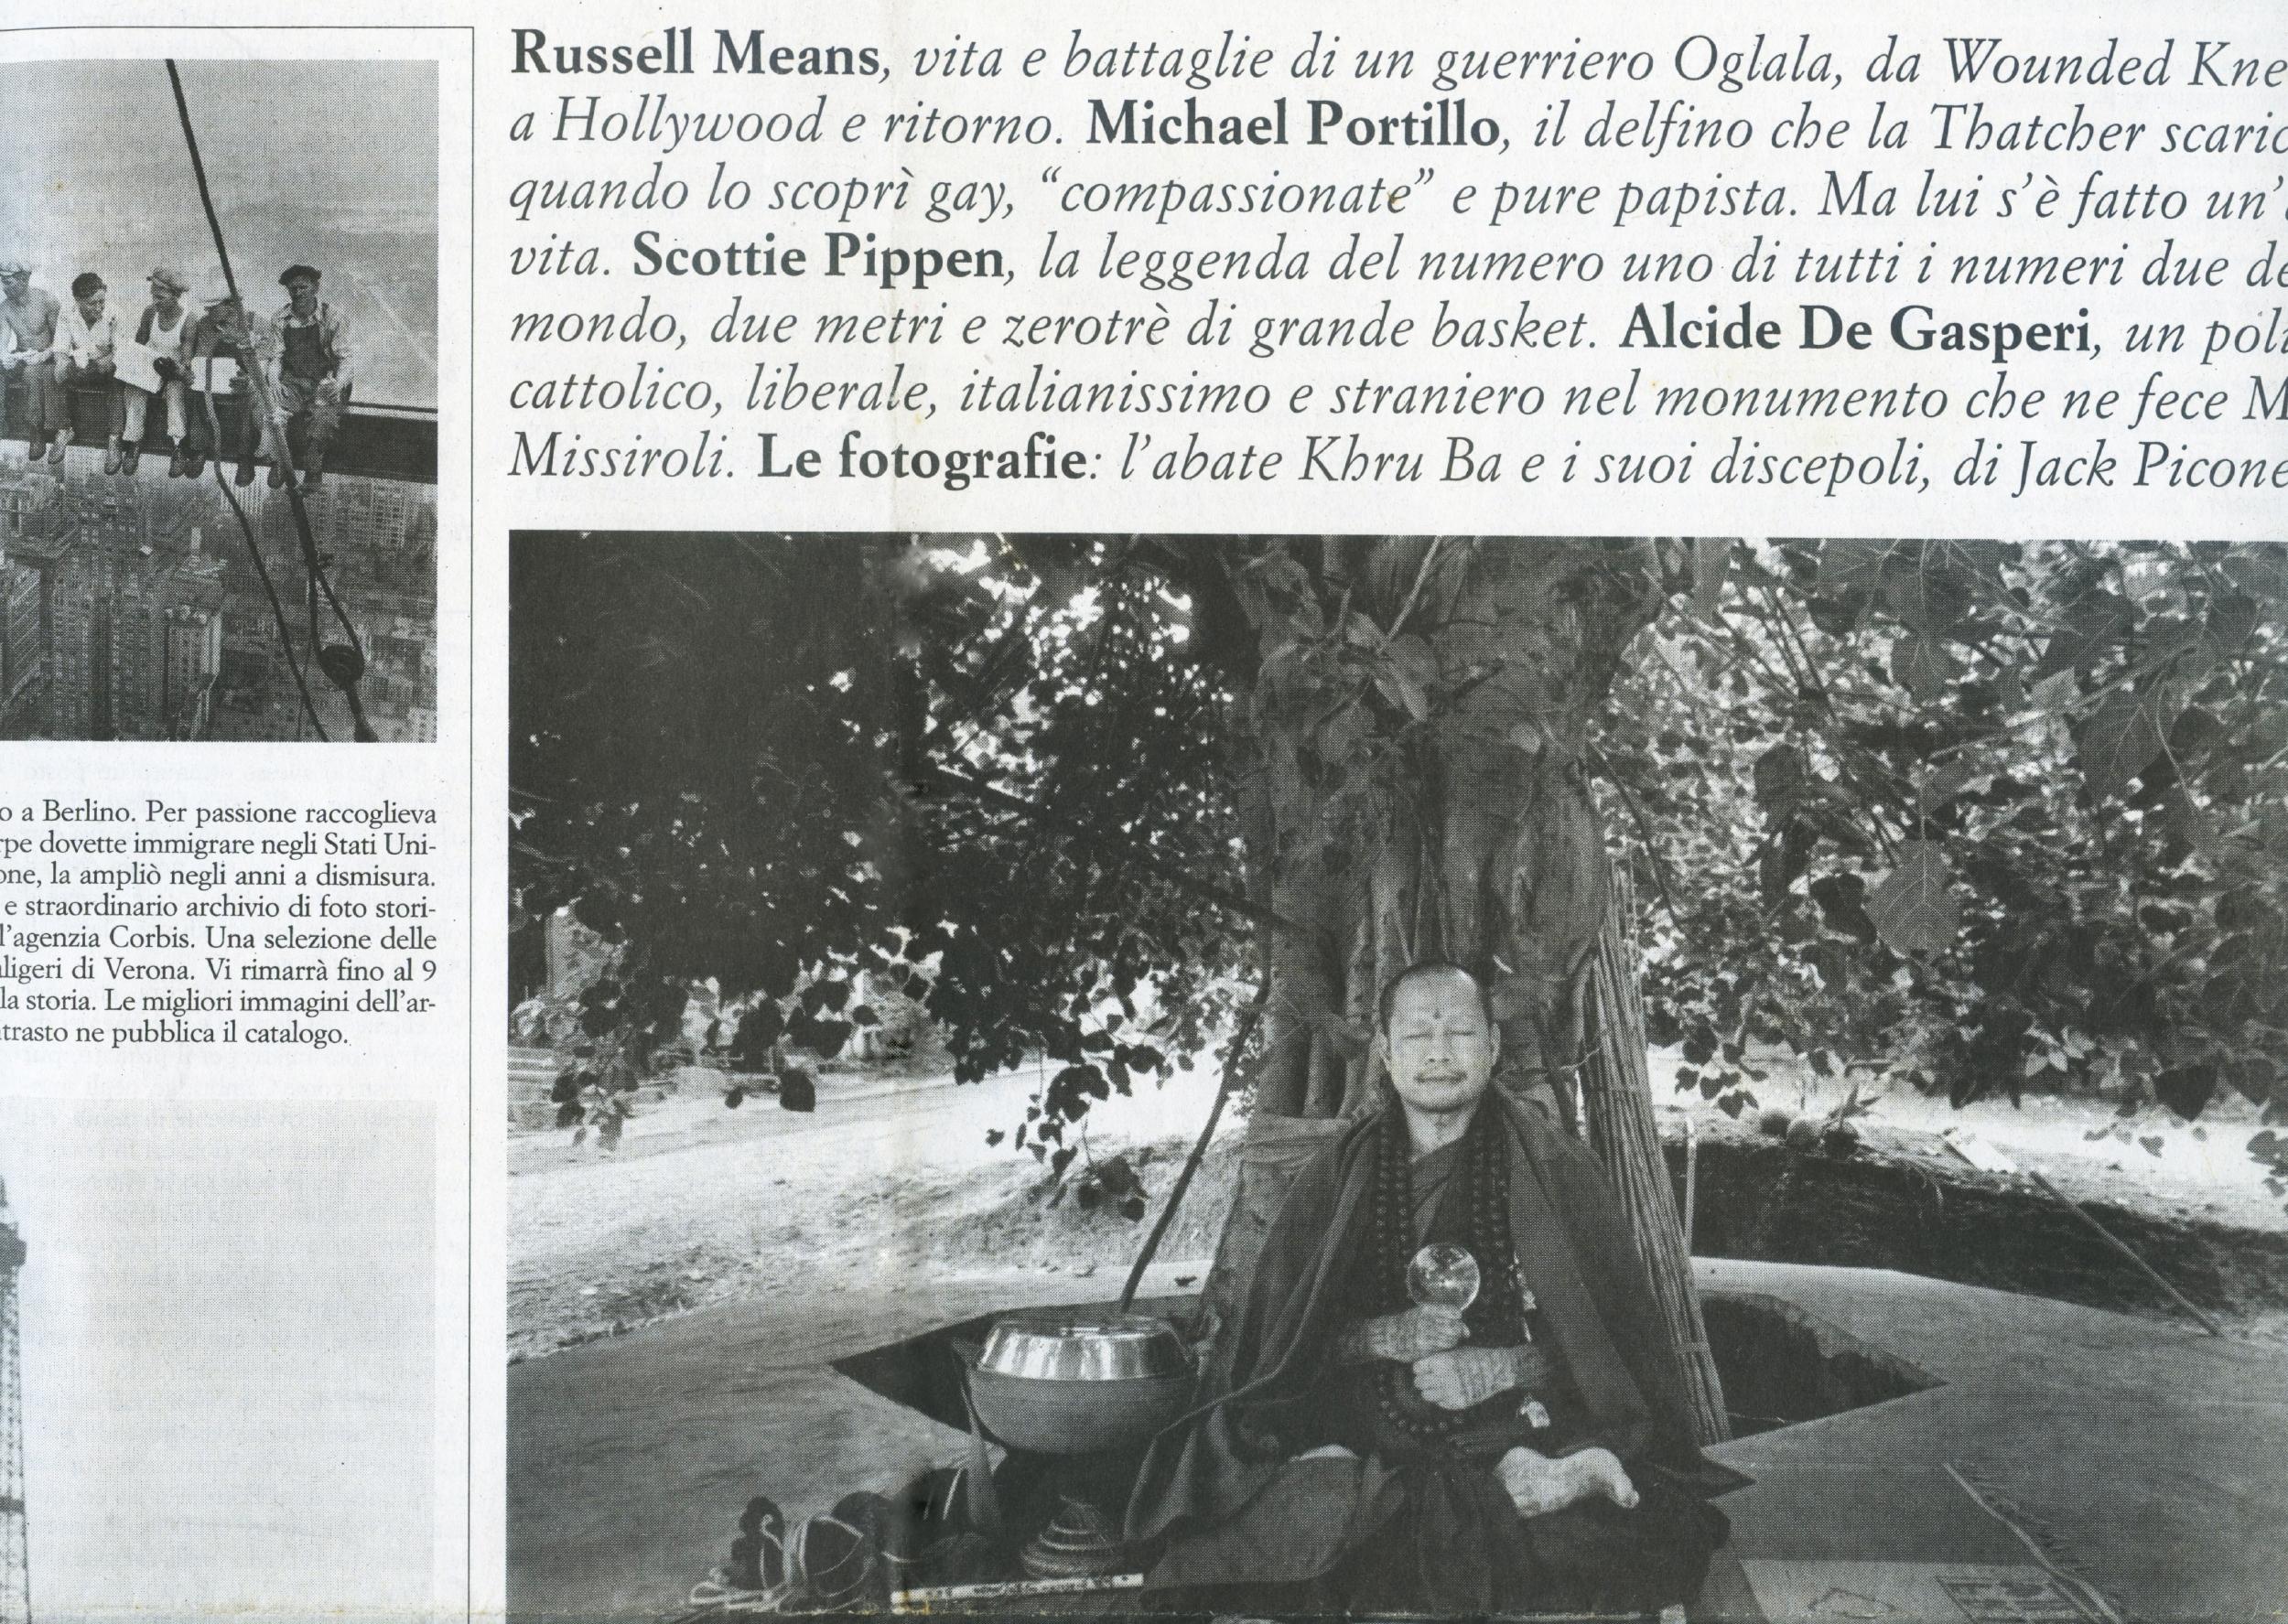 JackPicone_ILFoglio_Newspaper-1.JPG